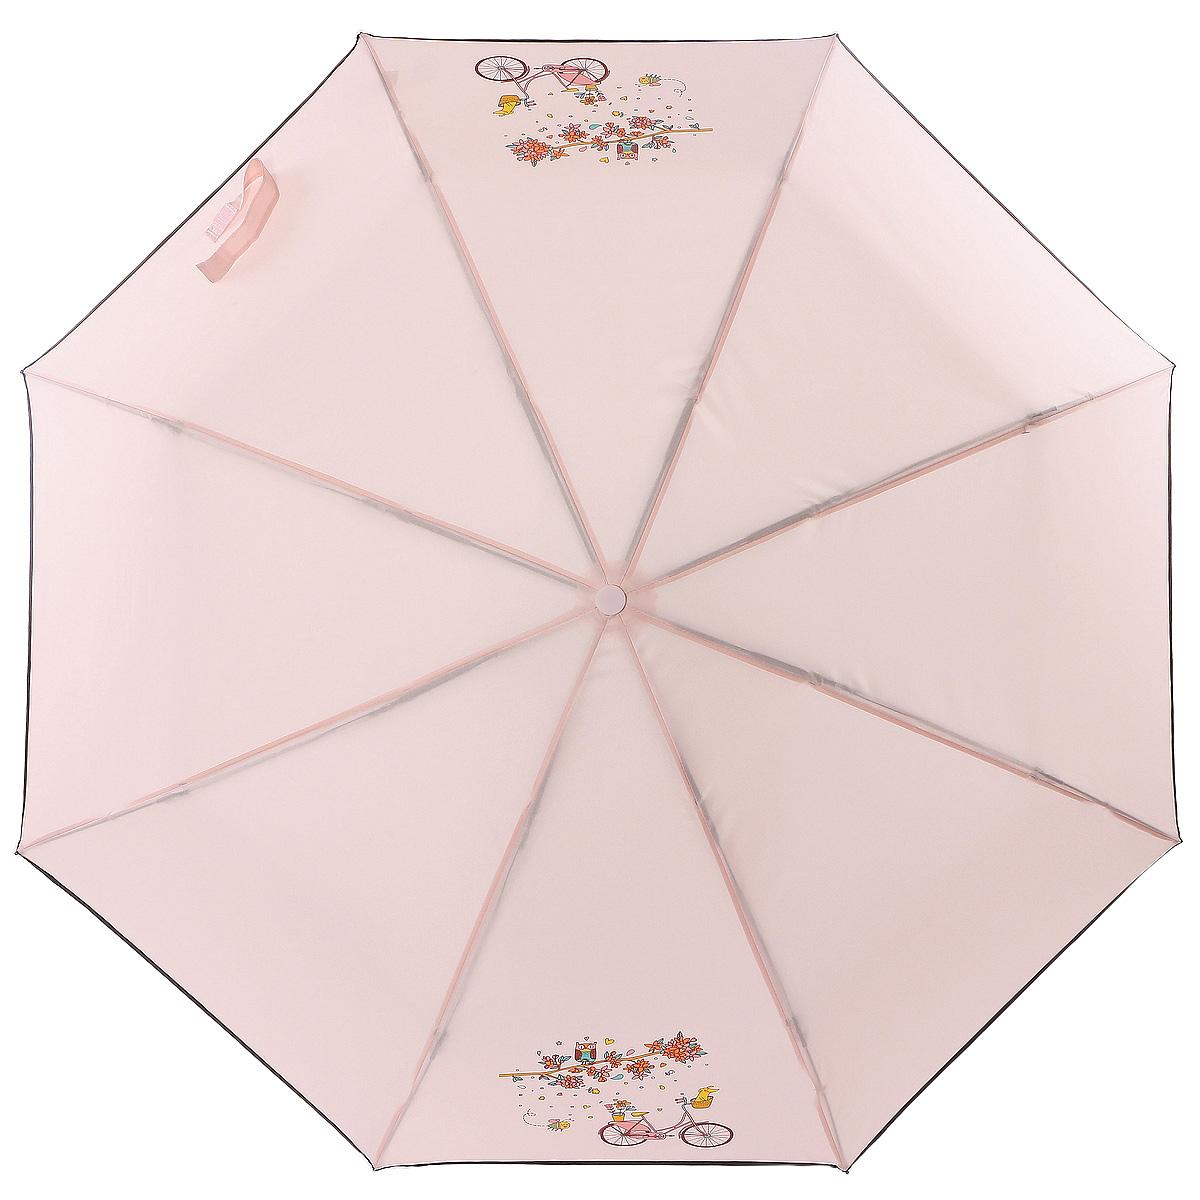 Зонт женский ArtRain, механический, 3 сложения, цвет: розовый. 3512-1727 зонт artrain механический 3 сложения цвет синий 3517 1732